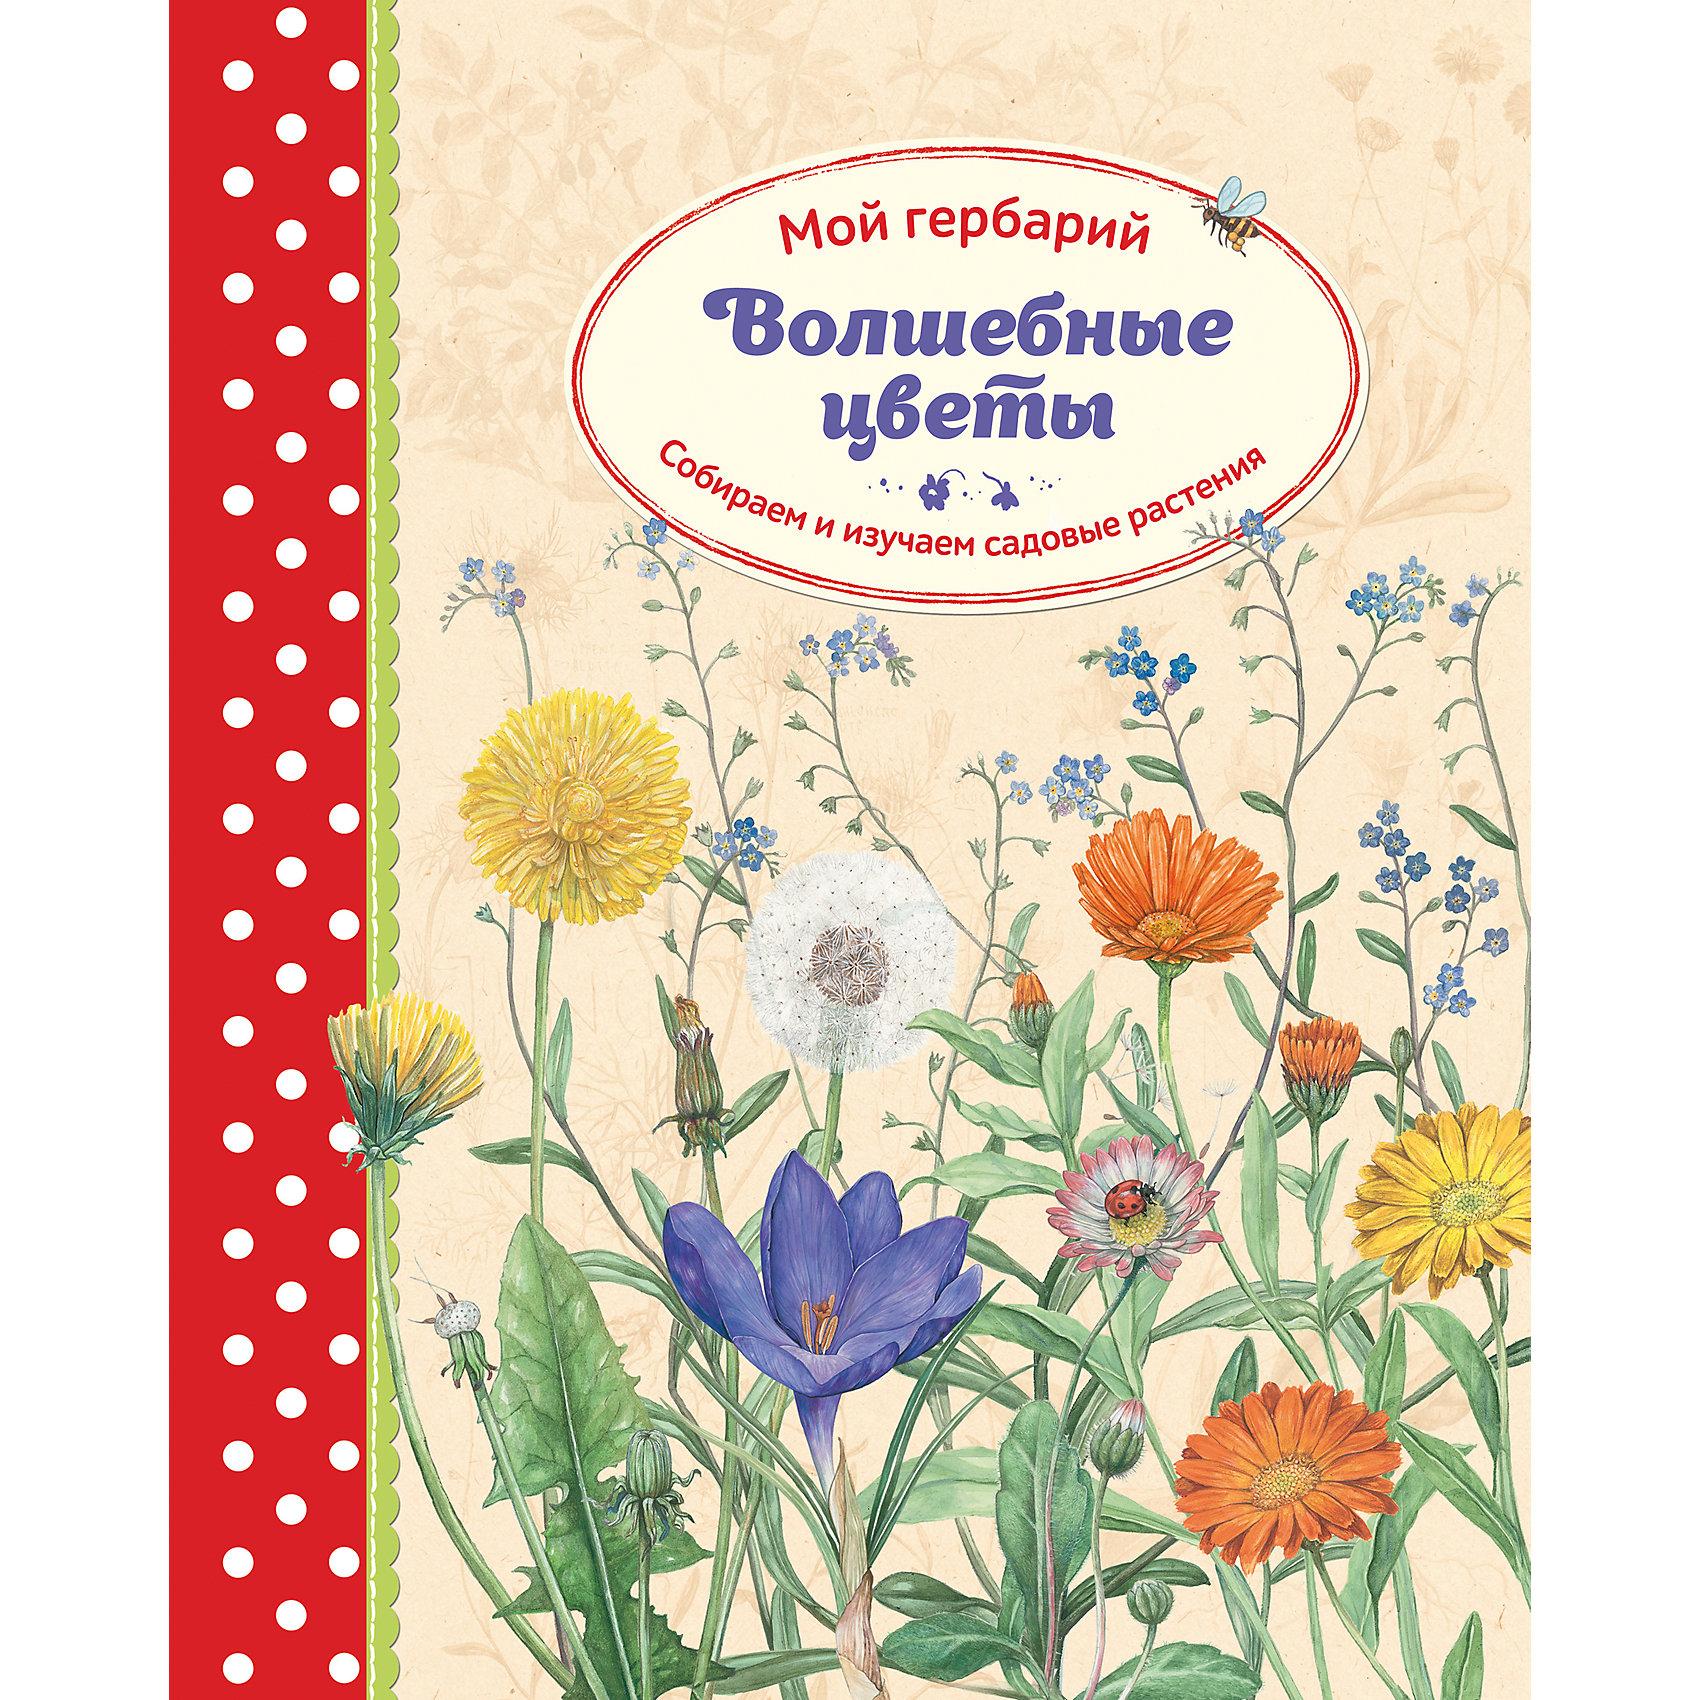 Волшебные цветы: Мой гербарийКниги по рукоделию<br>В этой книге представлены реалистичные иллюстрации 16 хорошо известных и всеми любимых садовых растений. Тот, кто давно мечтал создать свой собственный гербарий, найдёт в ней не только массу практических советов по сбору и высушиванию растений под прессом, но и с любовью оформленные странички для их хранения. Кроме того, в книге даются сведения по строению растений и другая ботаническая информация. А ещё в ней много идей для творчества с применением высушенных цветов и листьев.<br><br>Ширина мм: 320<br>Глубина мм: 255<br>Высота мм: 20<br>Вес г: 1032<br>Возраст от месяцев: 60<br>Возраст до месяцев: 2147483647<br>Пол: Унисекс<br>Возраст: Детский<br>SKU: 5535288